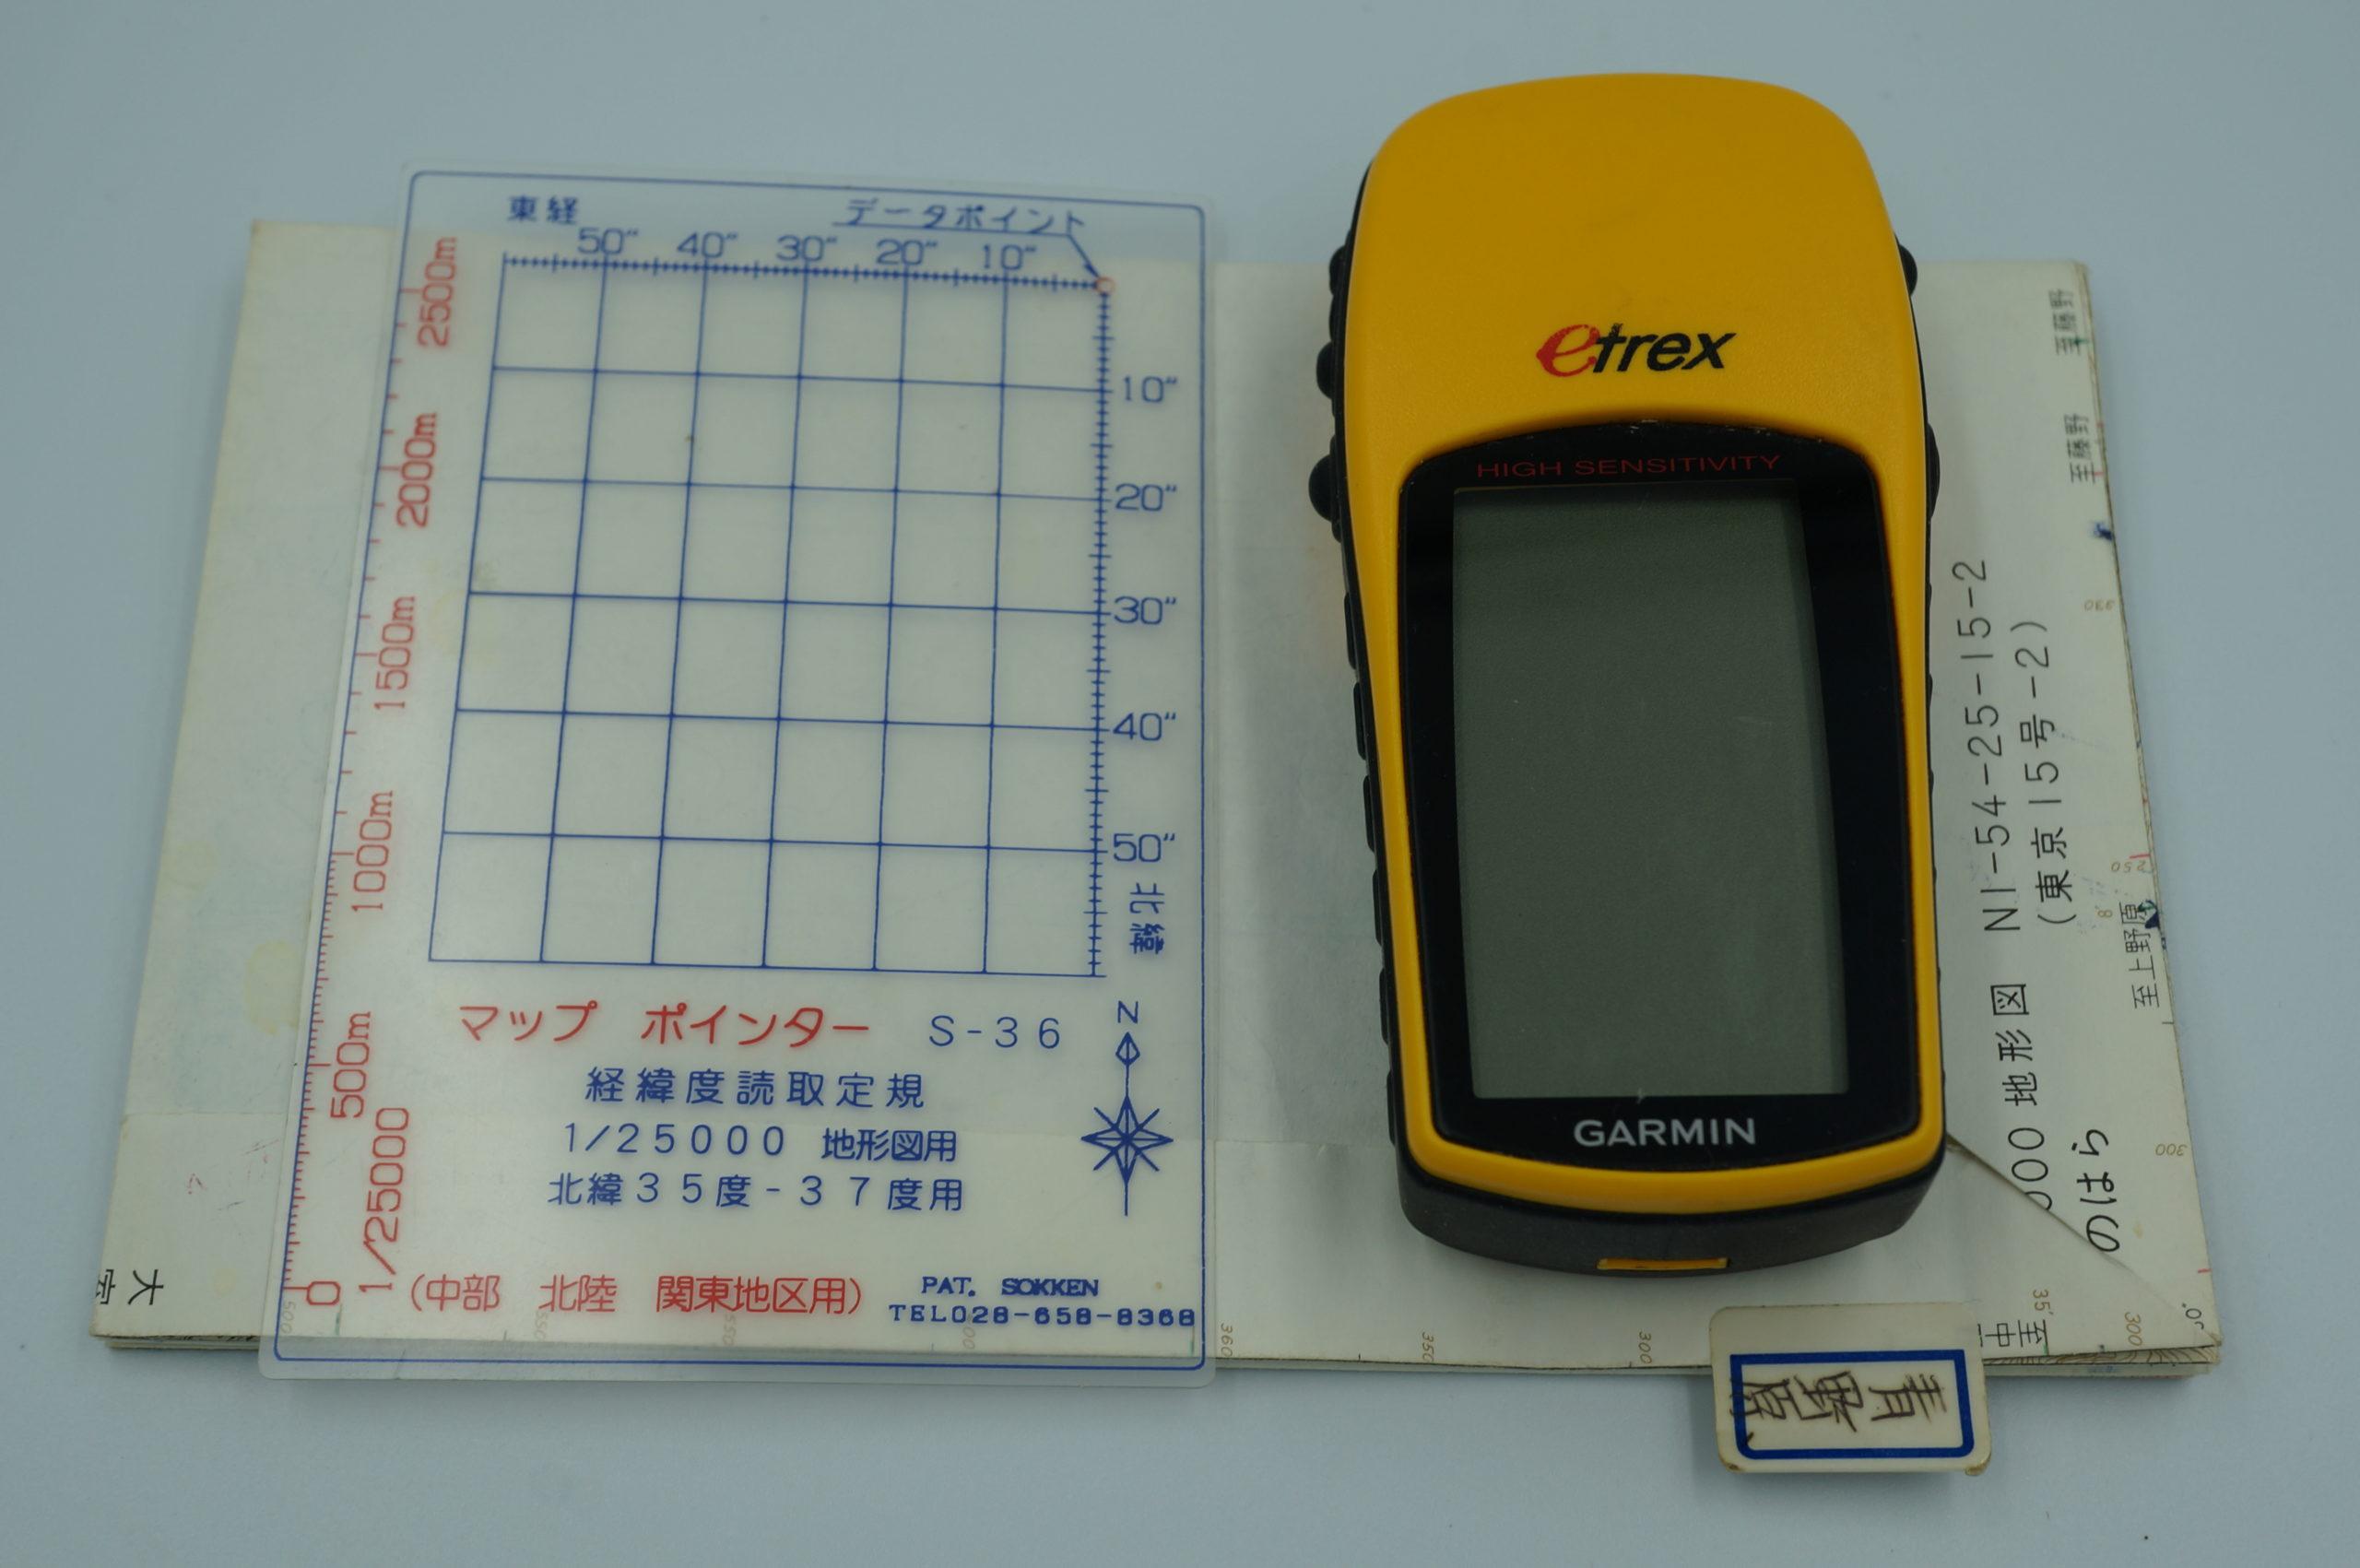 GARMIN 山岳GPS導入のメリット